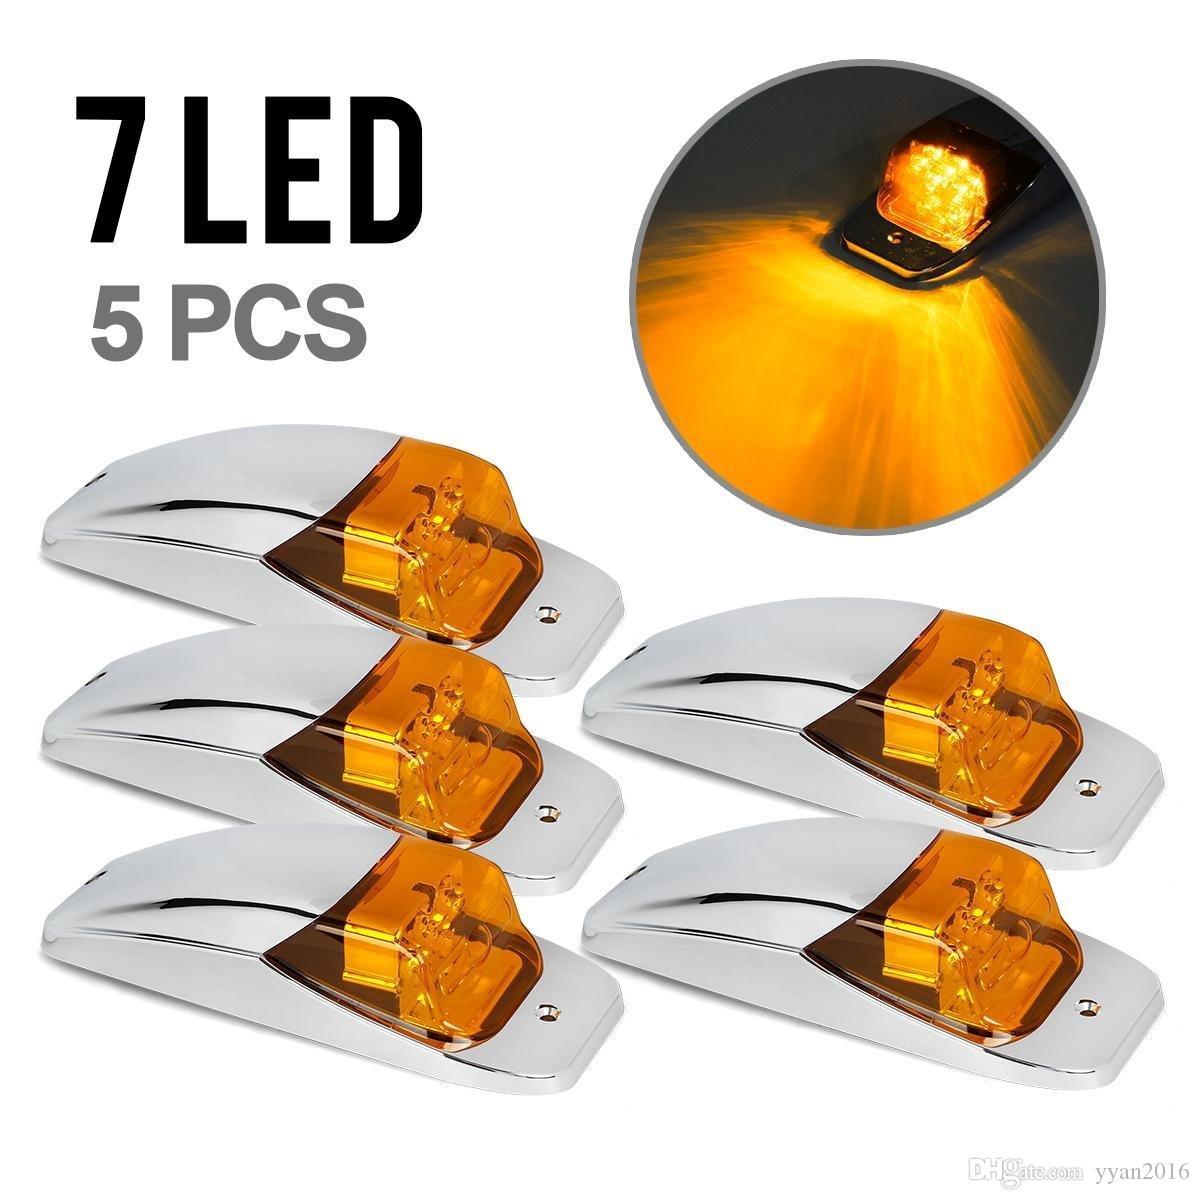 5xM27011Y Bernstein / Gelb 7 LED Chrome Obere Kabine Marker Umrissleuchten für Lkw-anhänger Freightliner Kostenloser versand